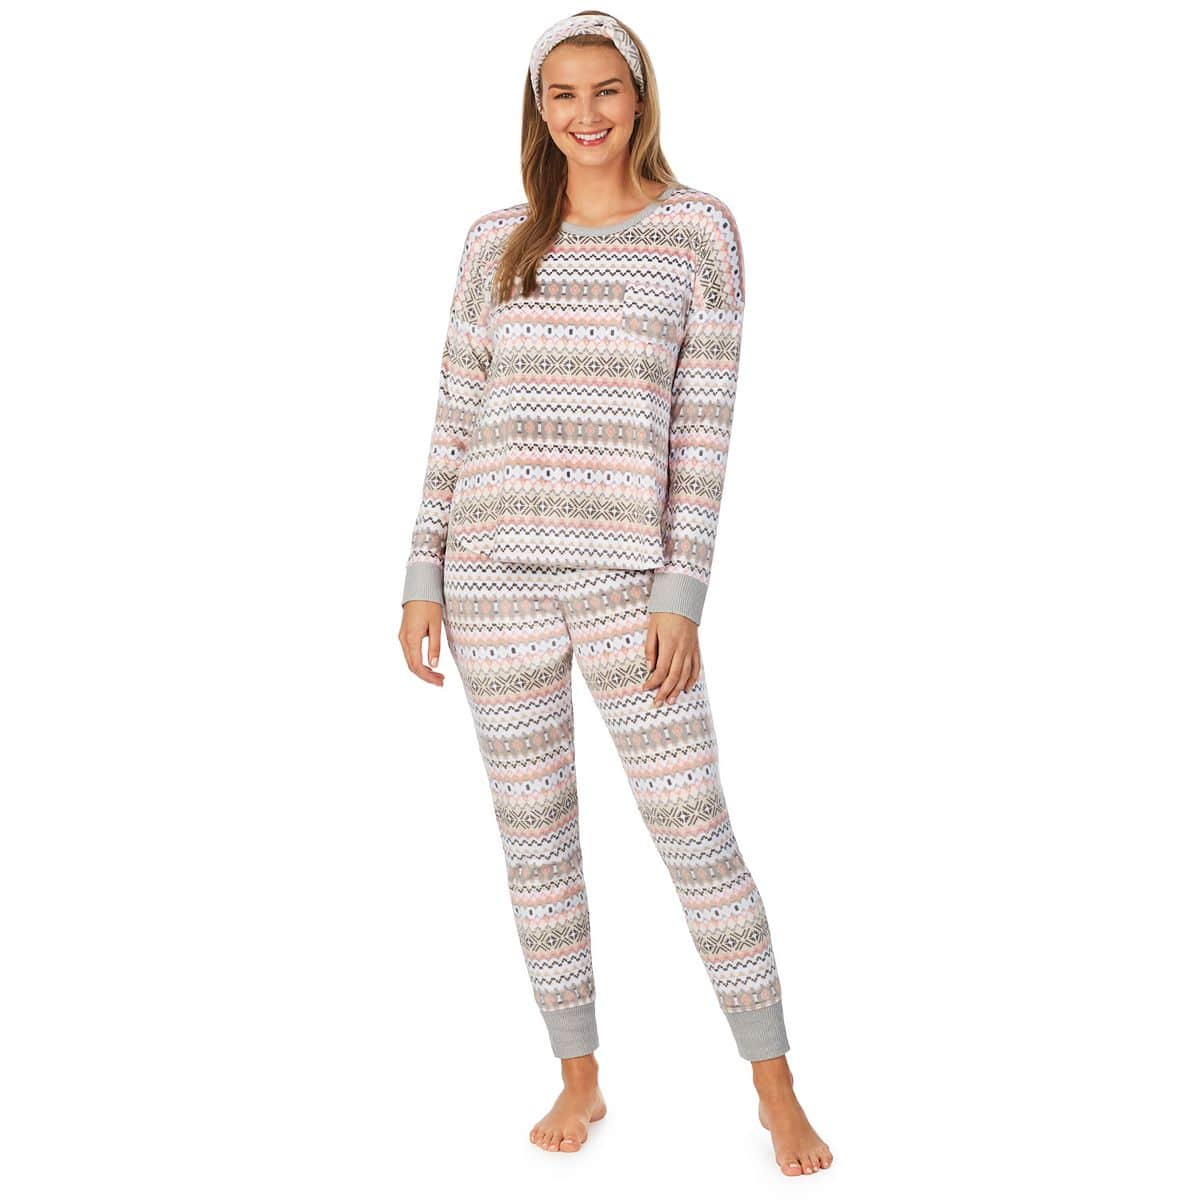 Cozy Christmas Pajamas, women's thermal pajamas, fair isle pajamas, women's pink and gray fairisle pajamas